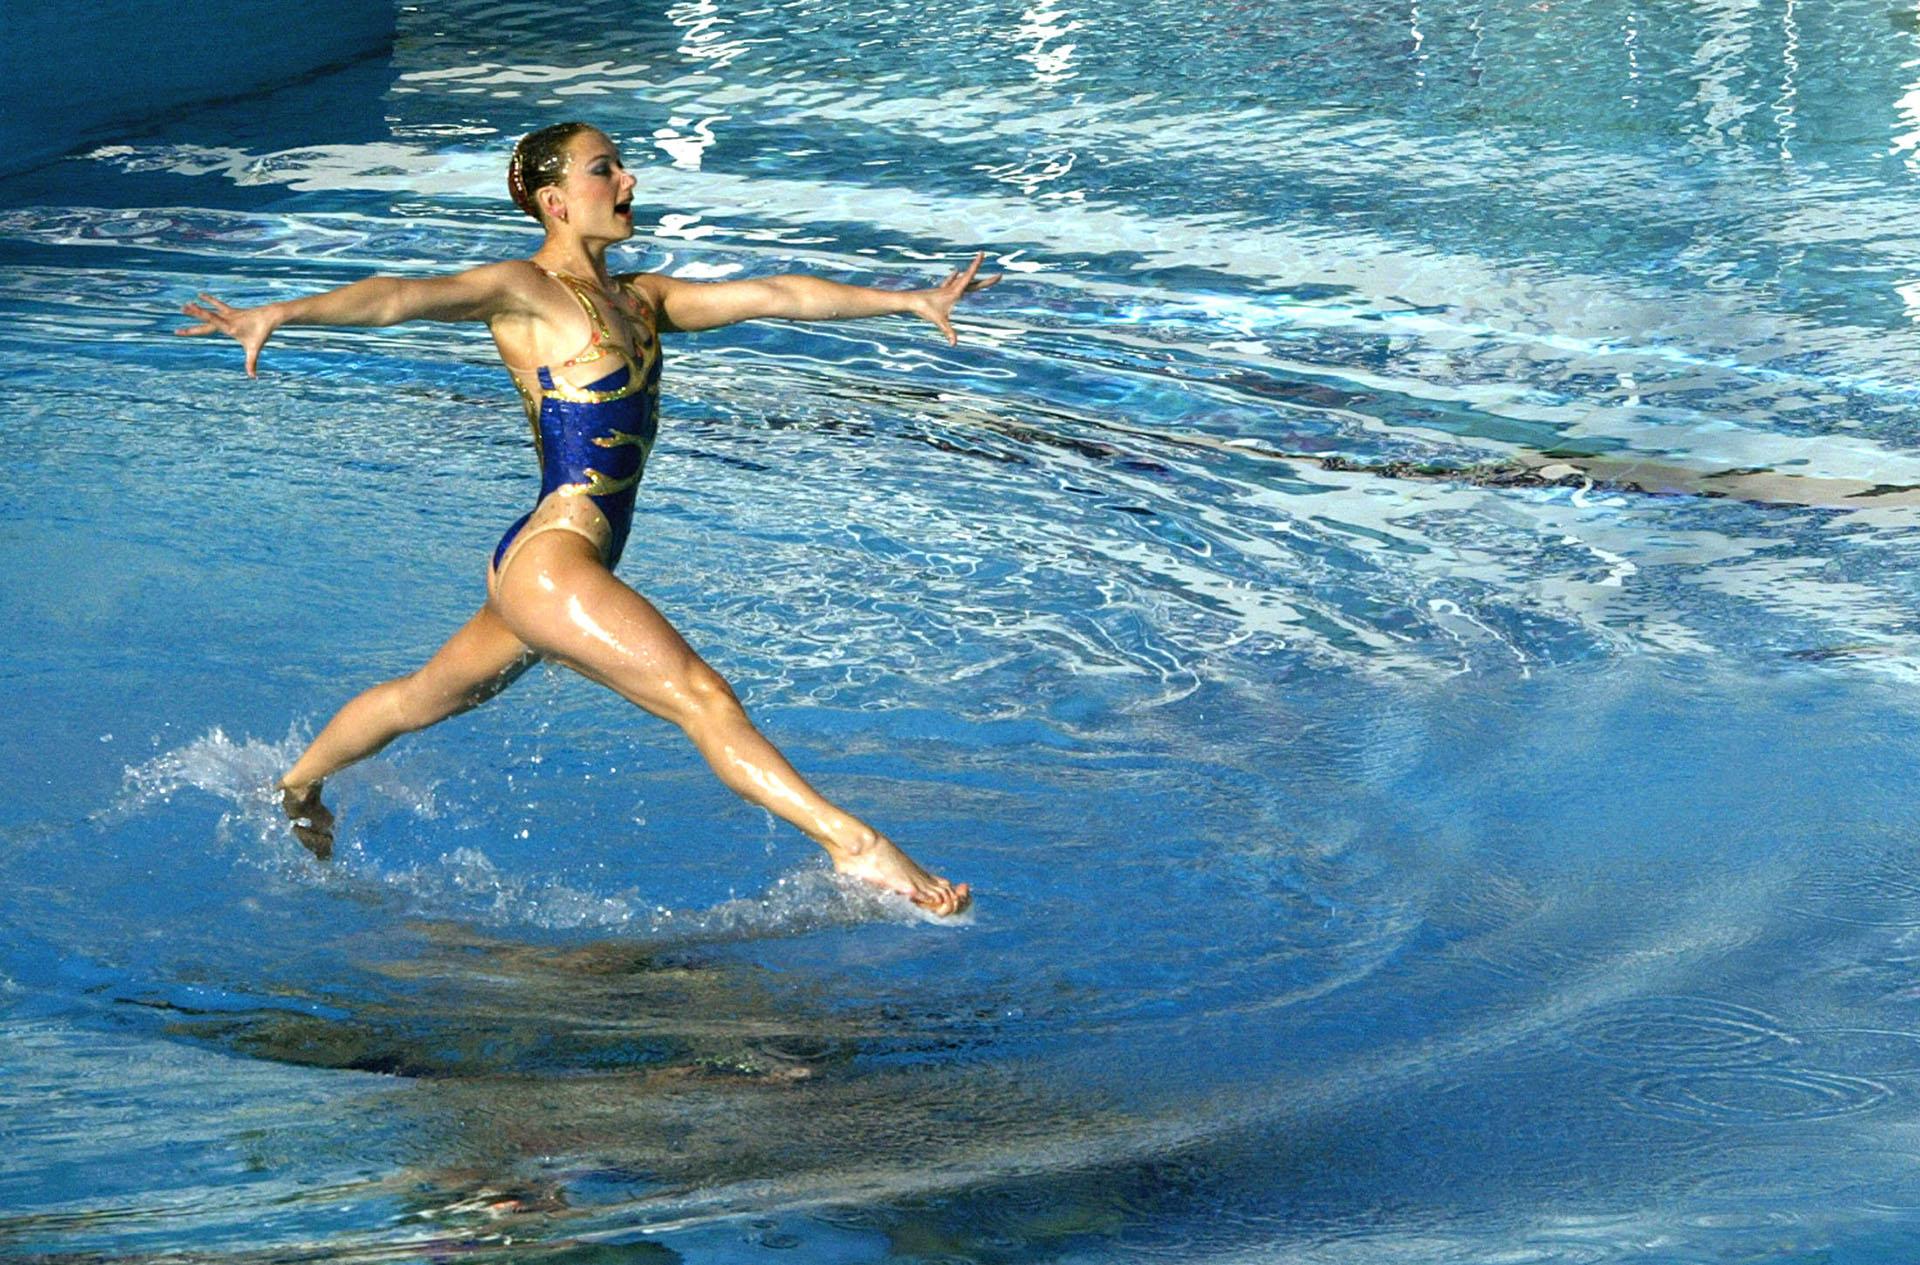 Una miembro del equipo de nado sincronizado de Ucrania participa en los Juegos Olímpicos de Atenas 2004